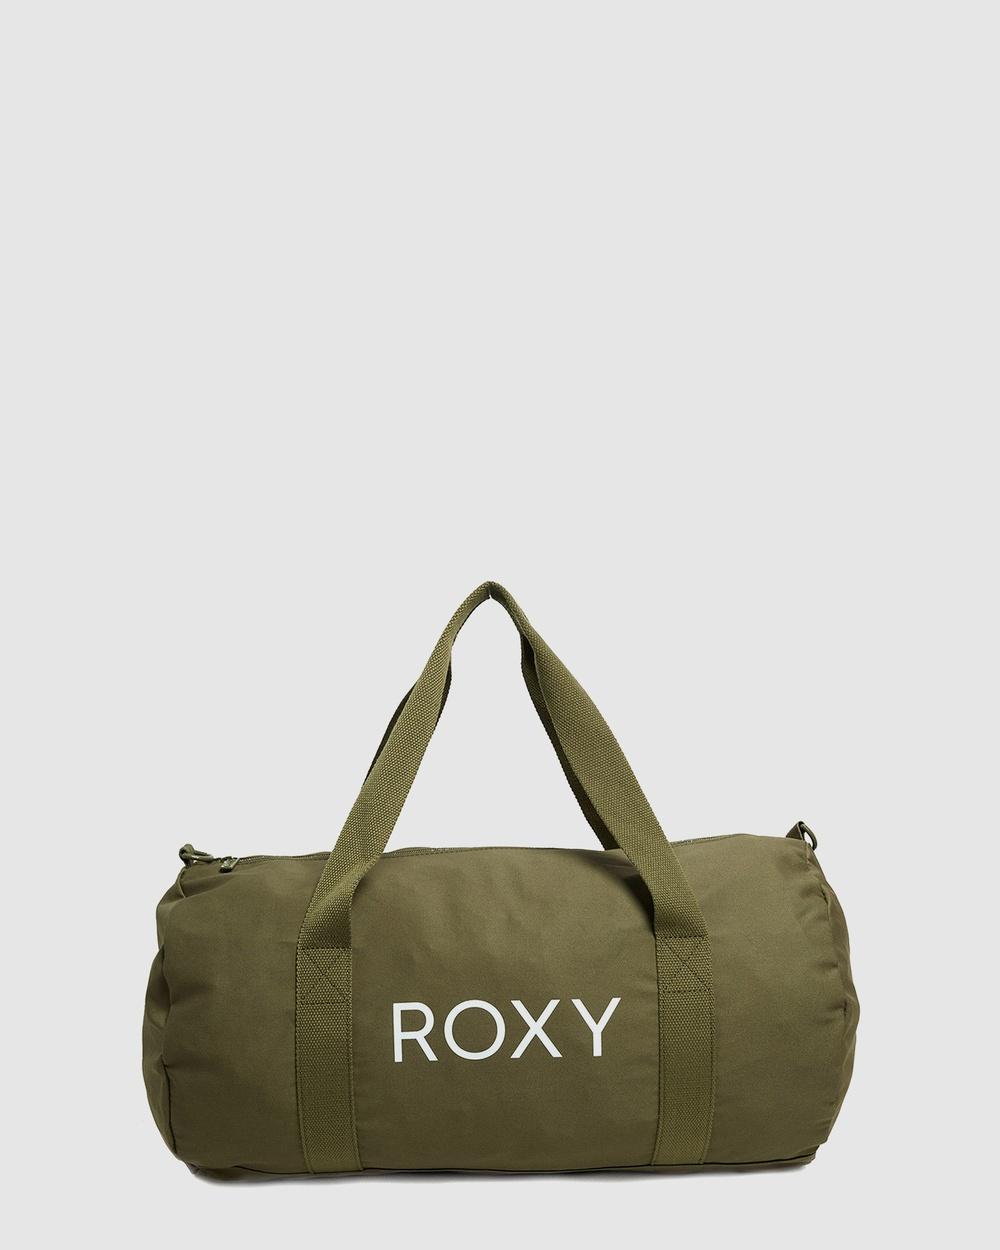 Roxy Womens Vitamin Sea Medium Shoulder Bag Bags Fatigue Green